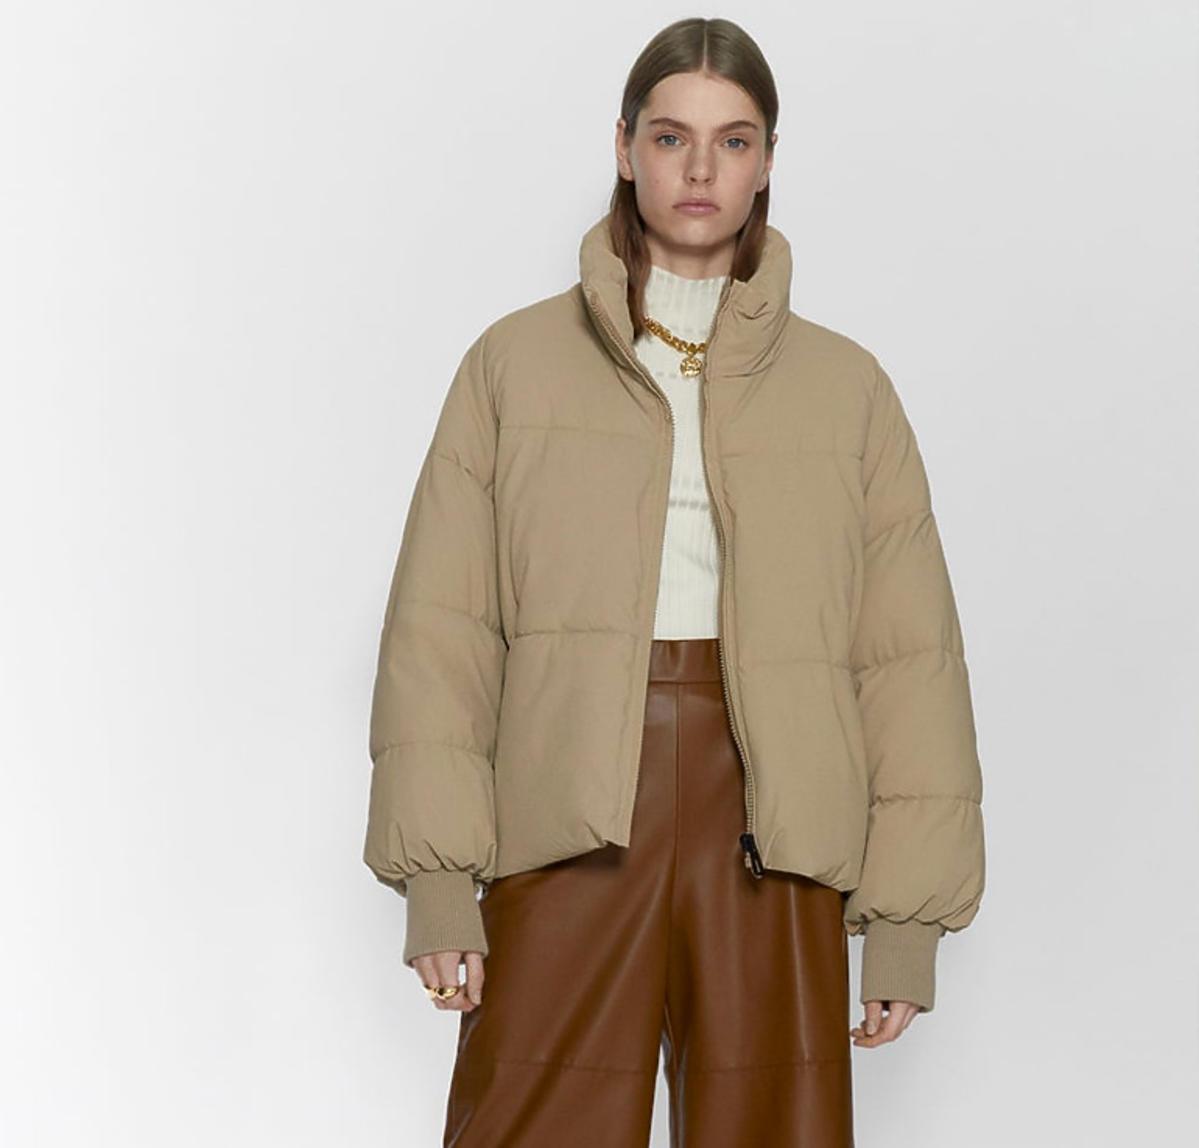 Ta kurtka z Zary jest hitem Instagrama!